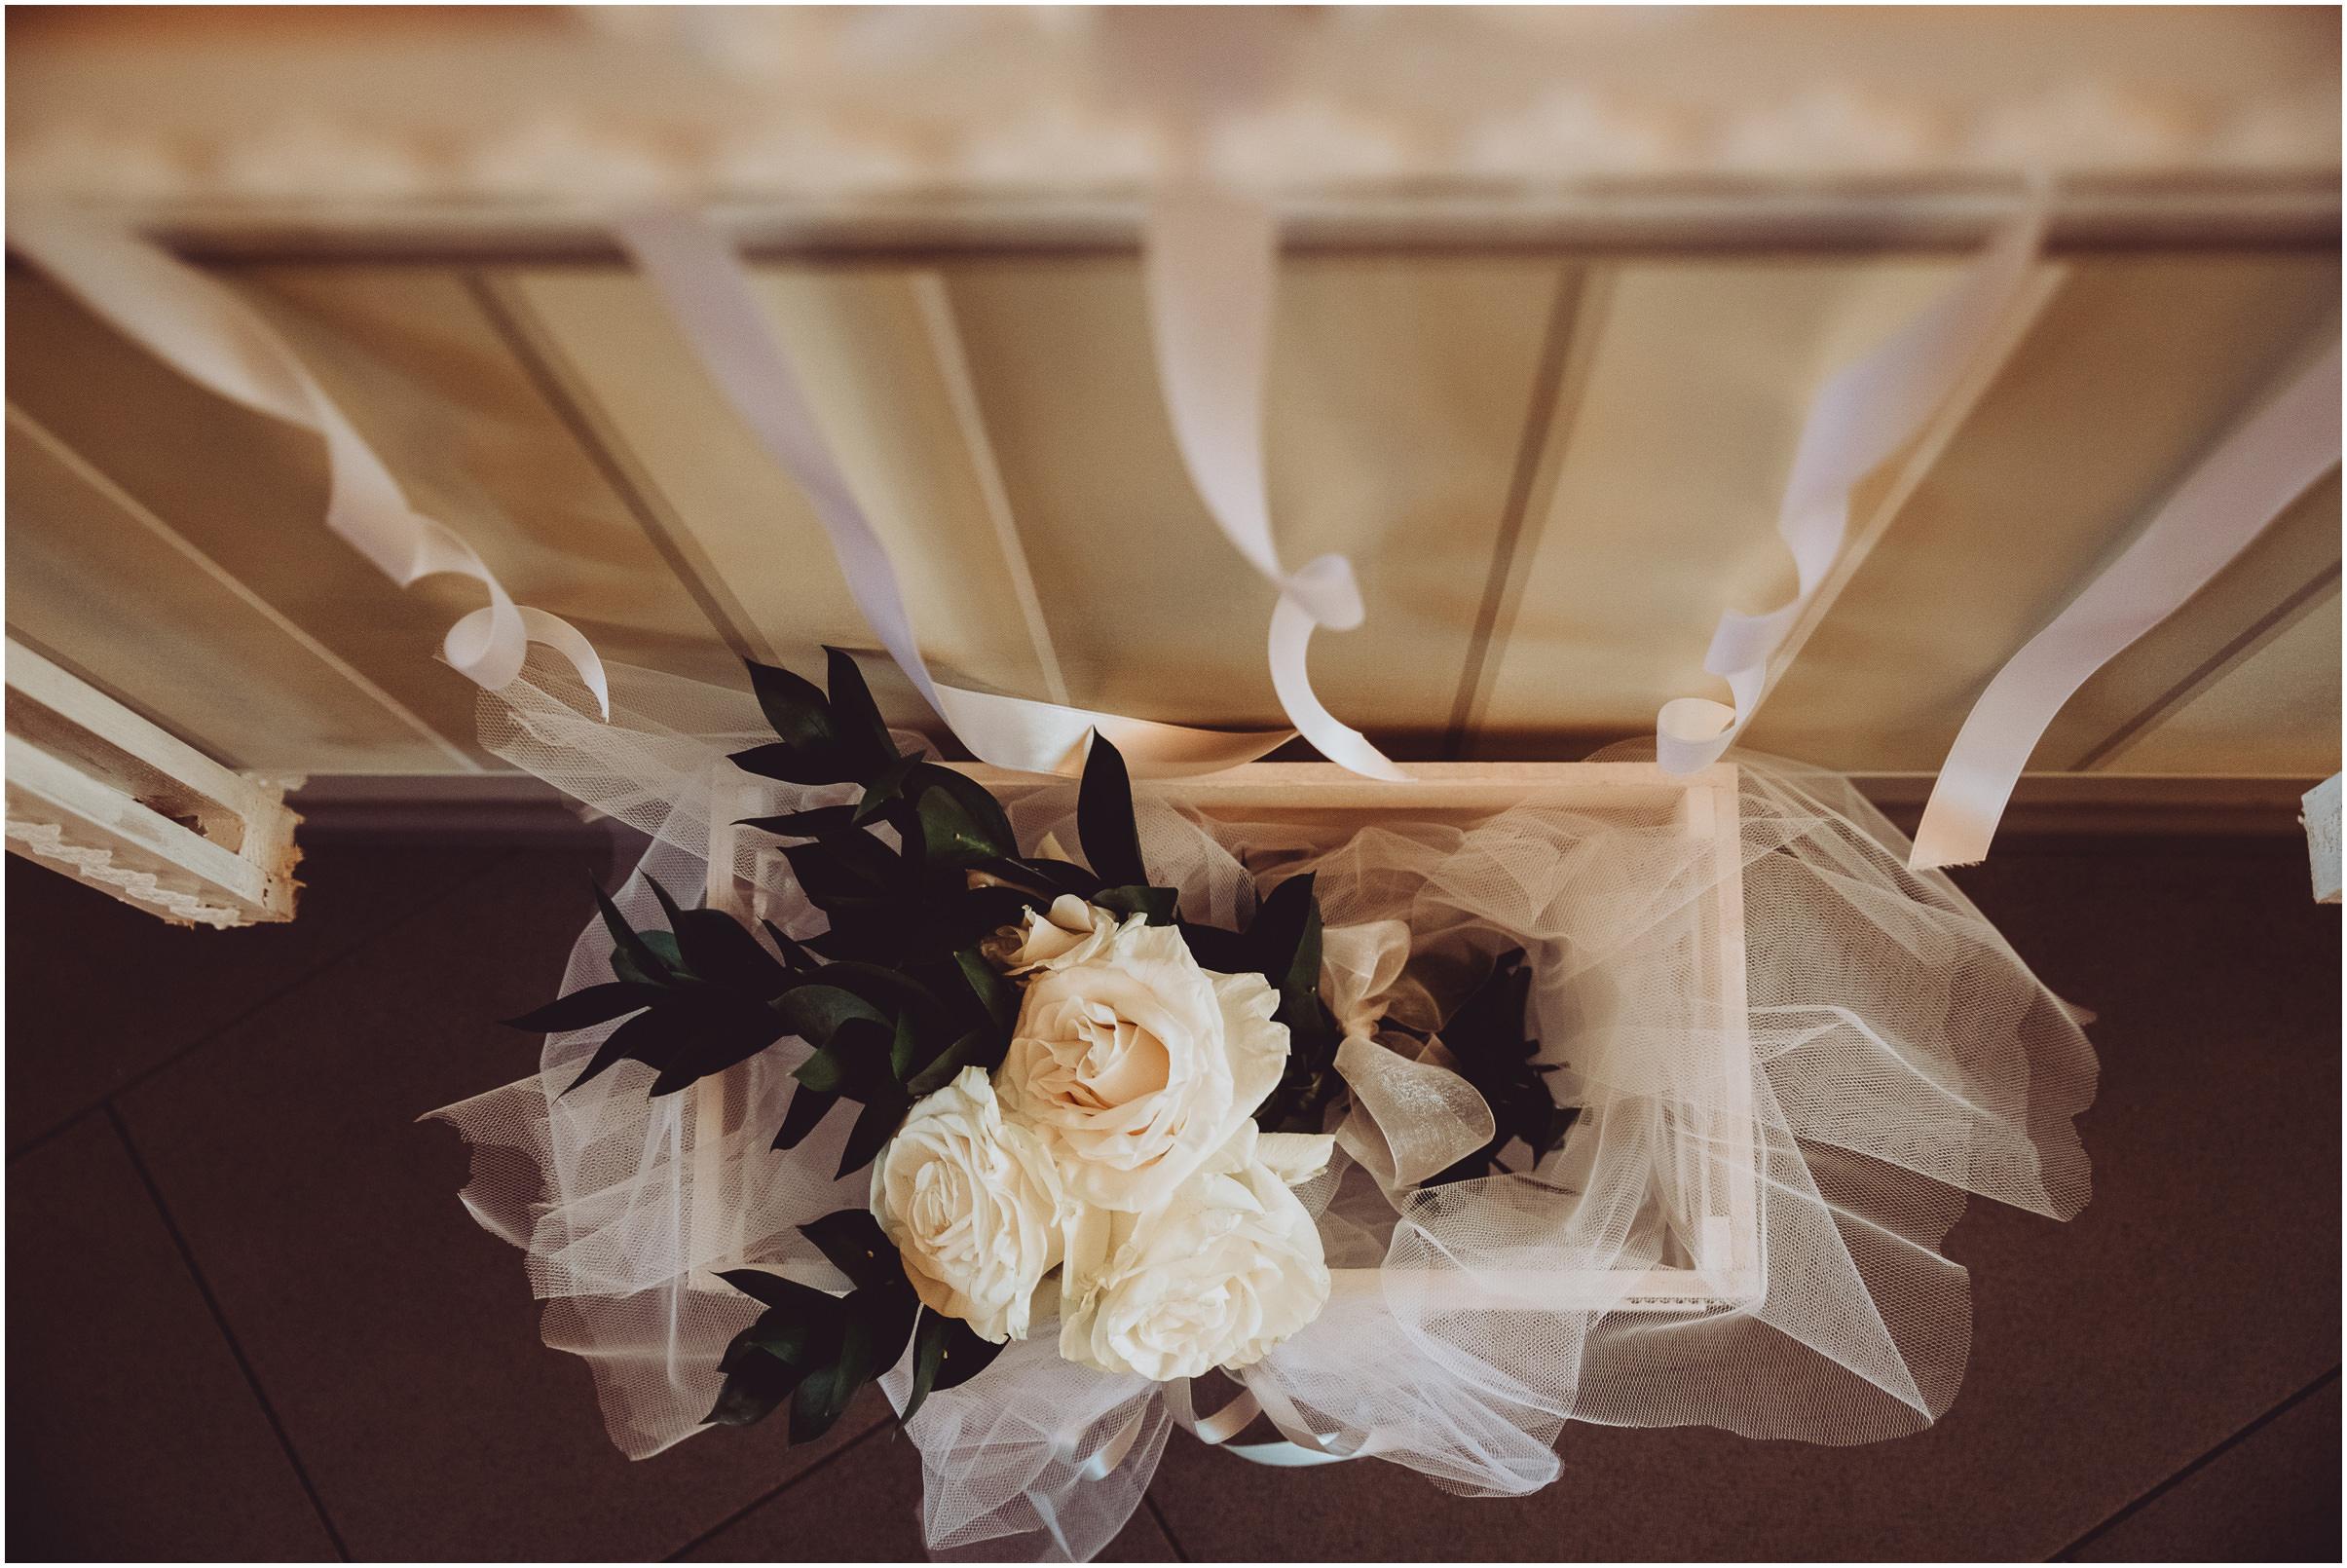 WEDDING-PHOTOGRAPHY-SARA-LORENZONI-FOTOGRAFIA-MATRIMONIO-AREZZO-TUSCANY-EVENTO-LE-SPOSE-DI-GIANNI-ELISA-LUCA054